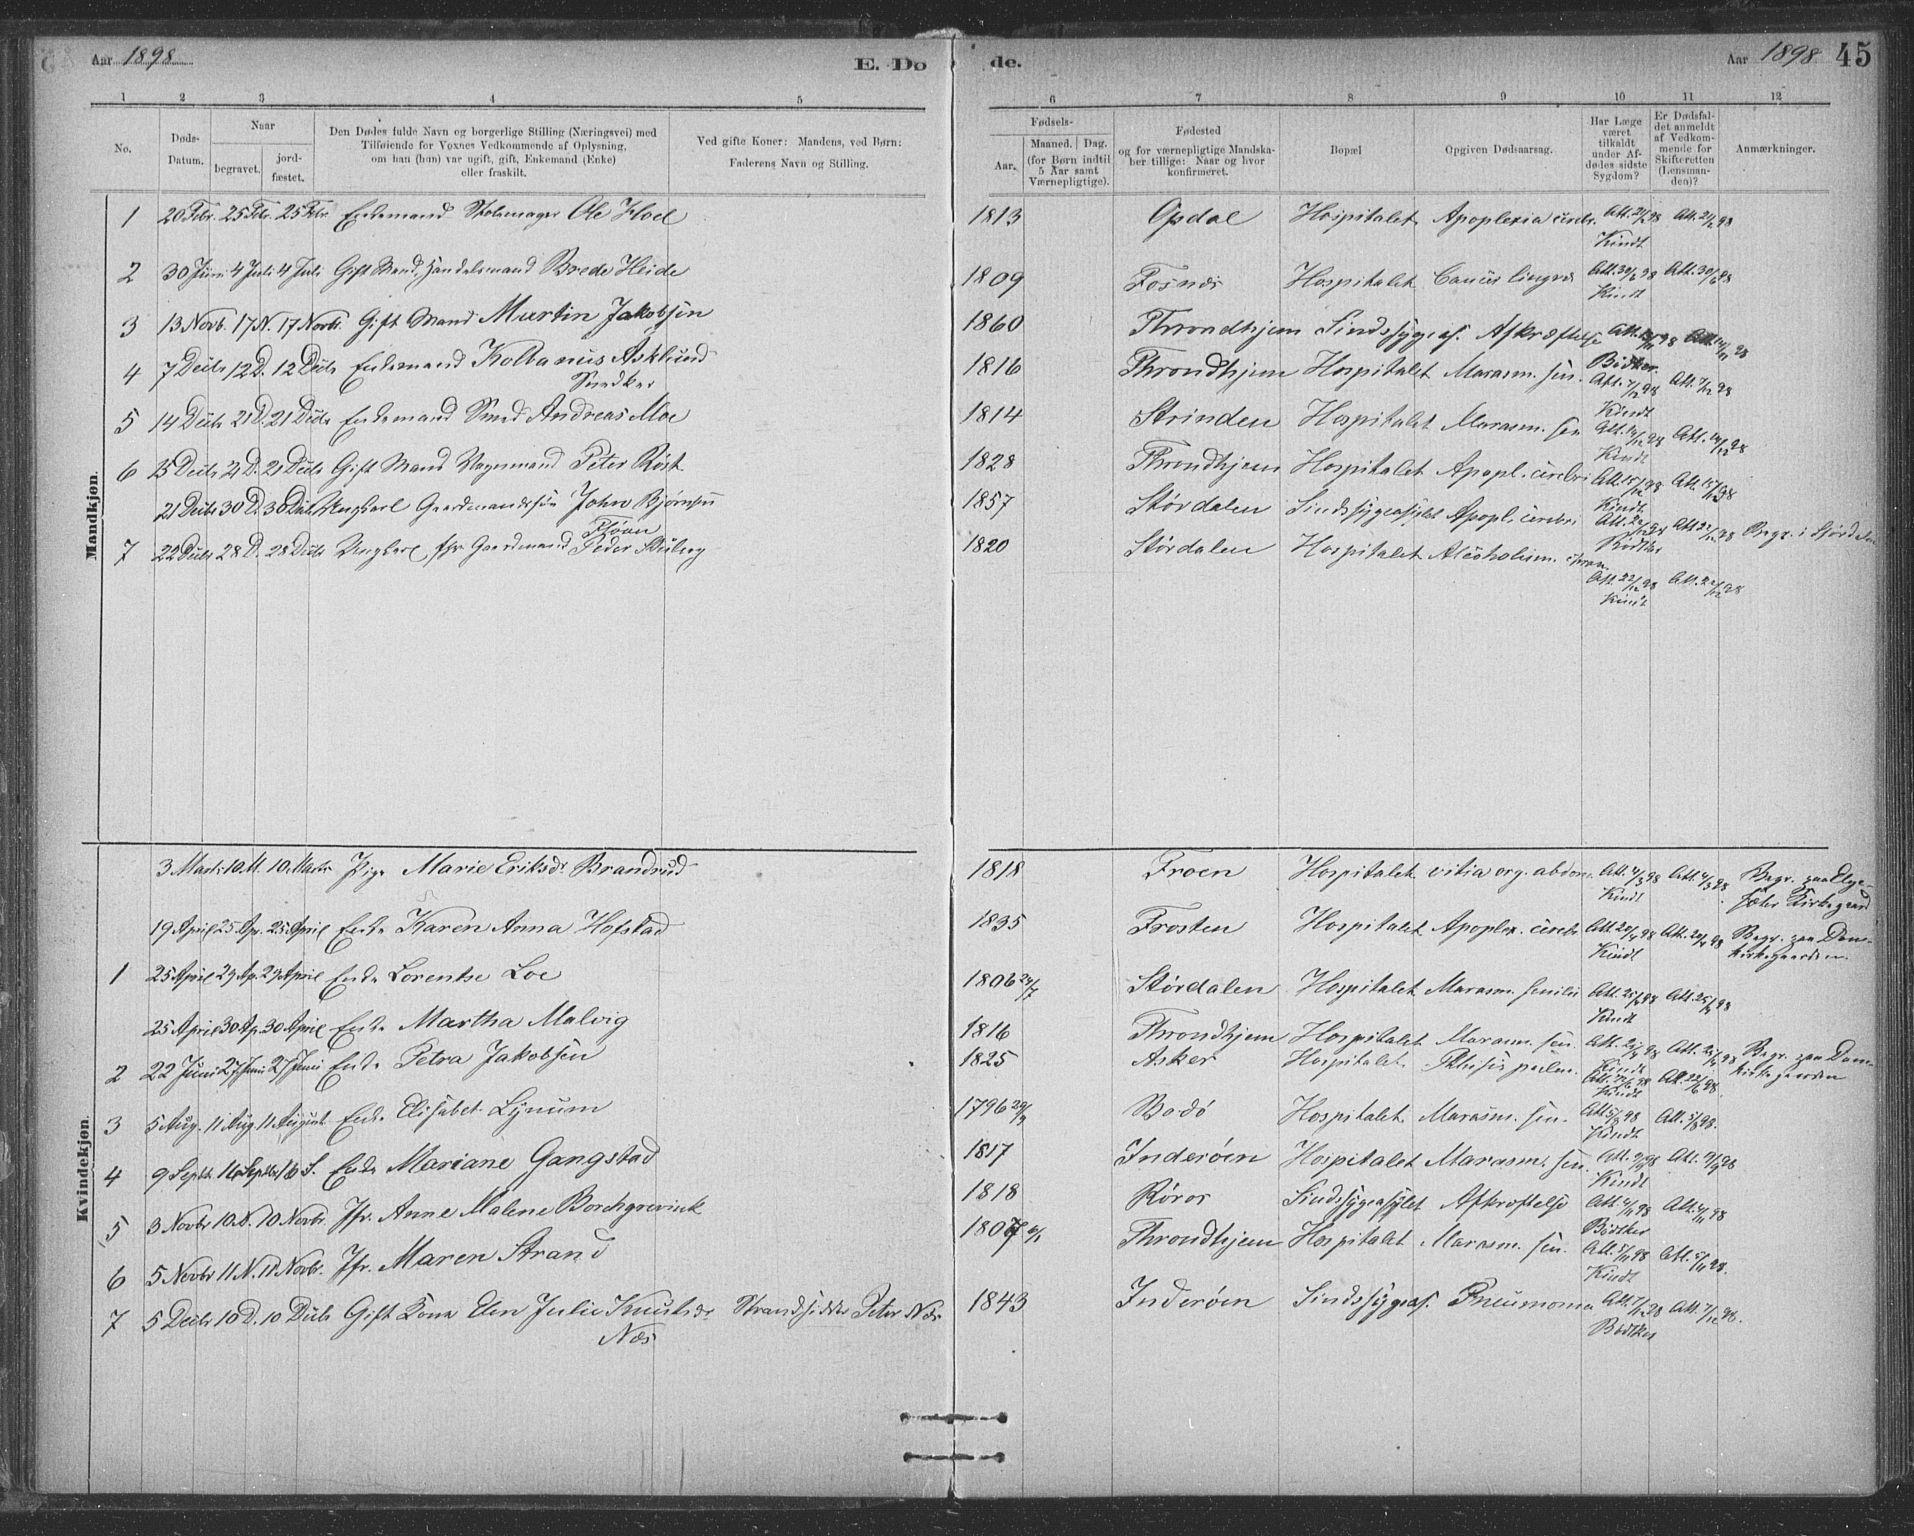 SAT, Ministerialprotokoller, klokkerbøker og fødselsregistre - Sør-Trøndelag, 623/L0470: Ministerialbok nr. 623A04, 1884-1938, s. 45